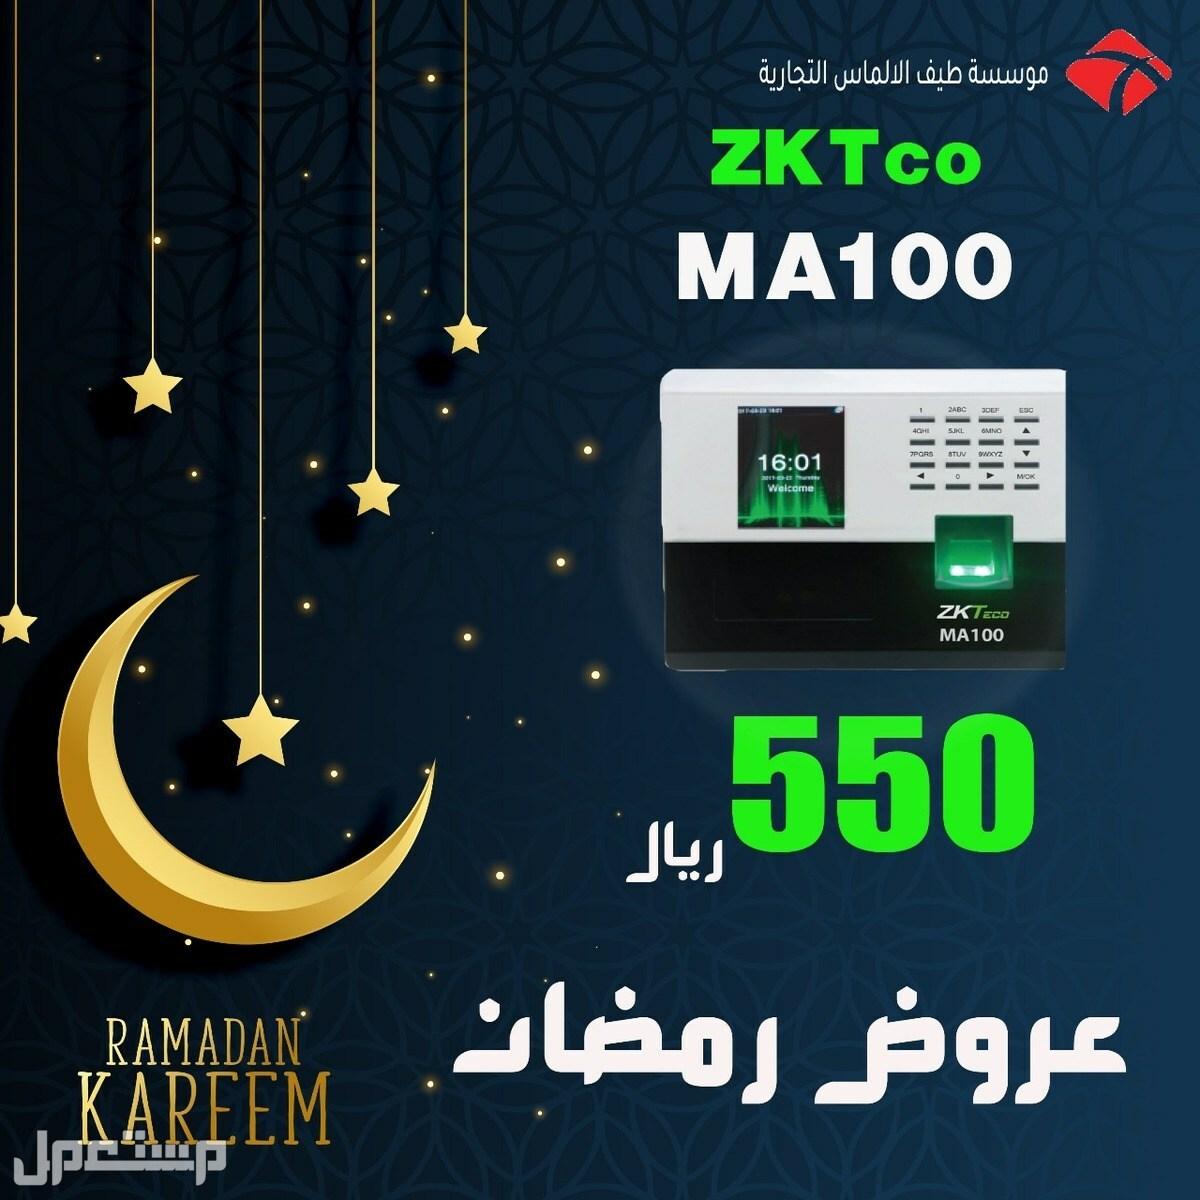 عرض رمضان على جهاز بصمة الحضور و الانصراف